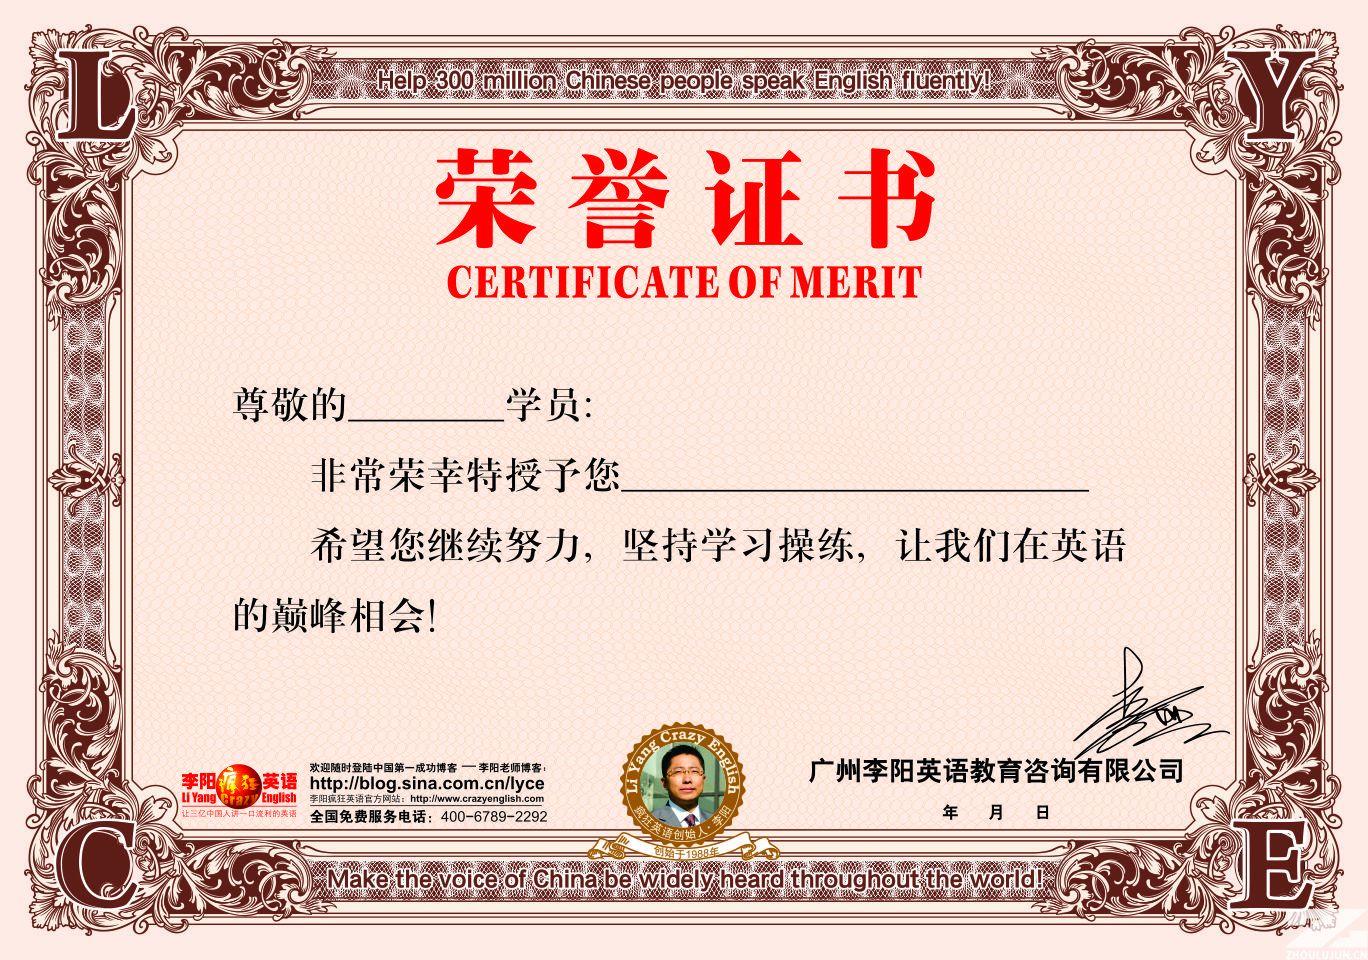 李阳疯狂英语-荣誉证